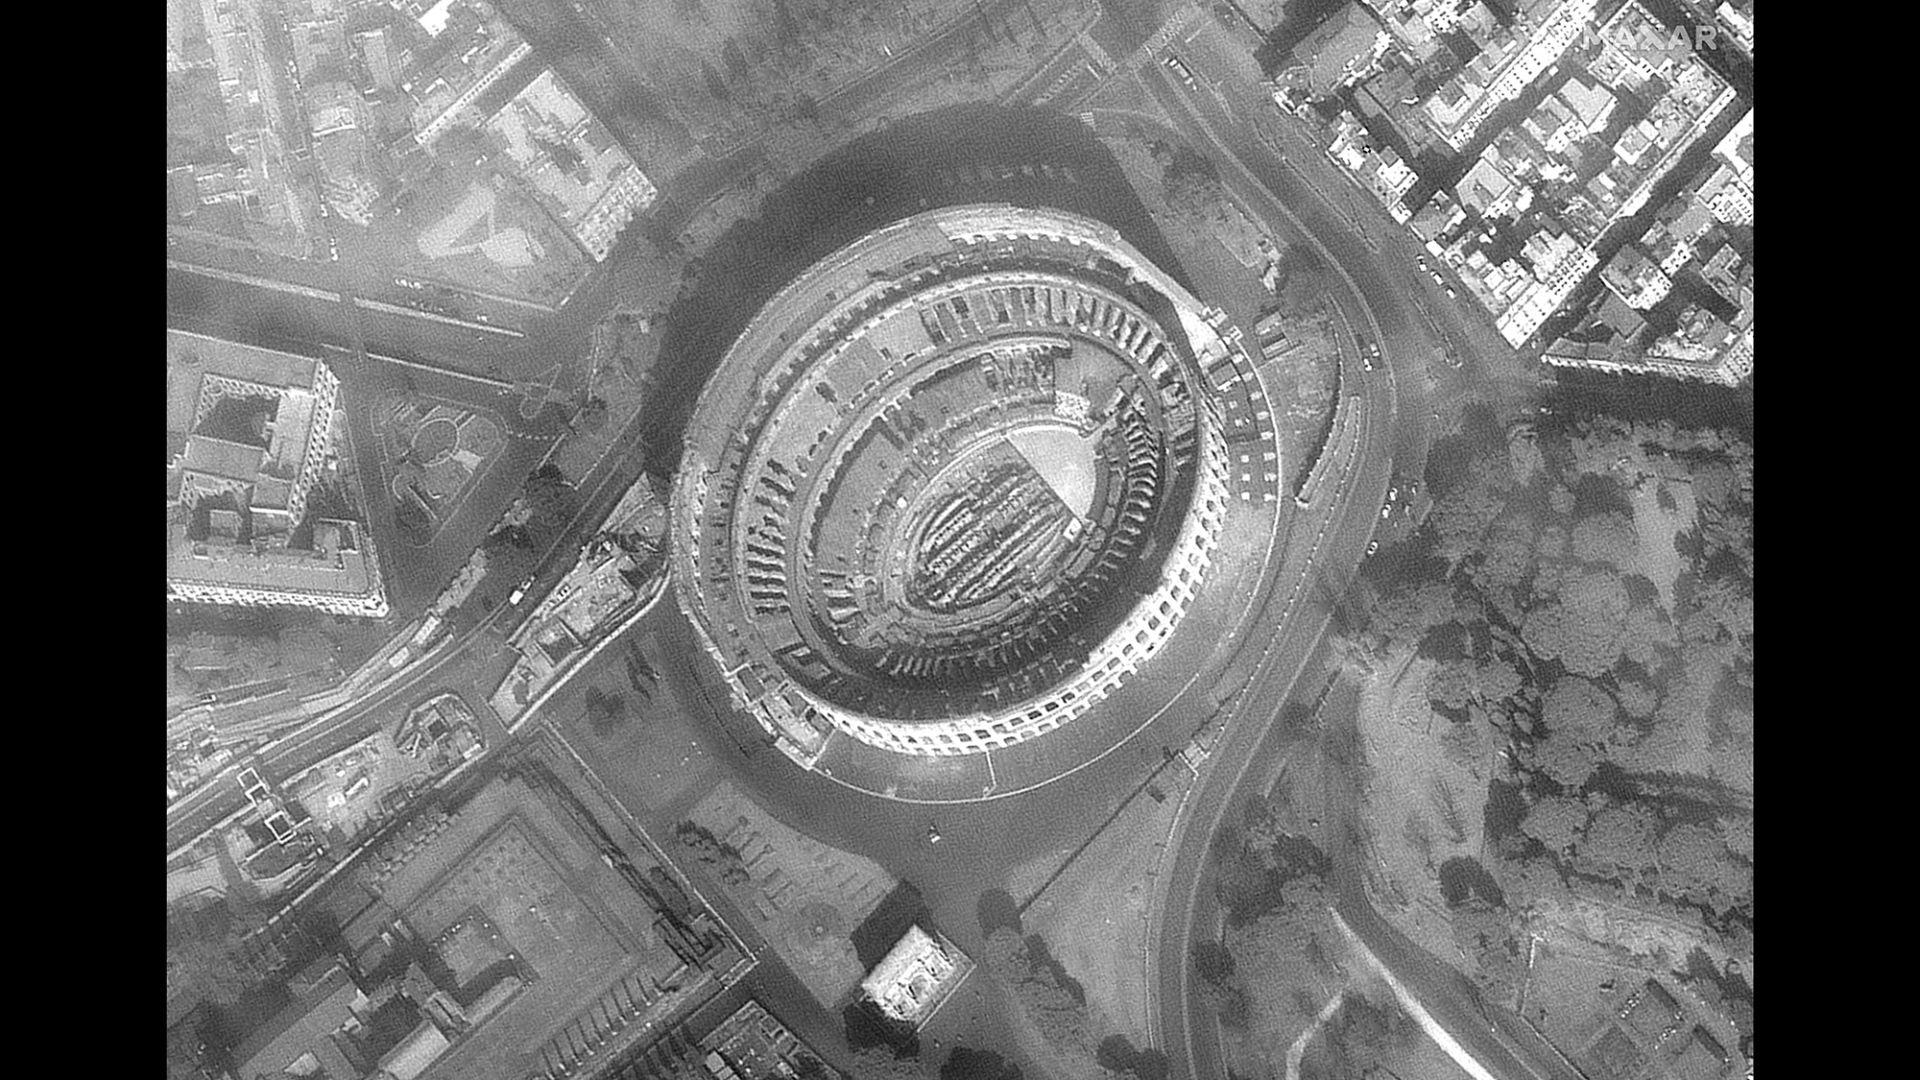 Satellitenbilder: So verändert die Corona-Pandemie die Erde 2